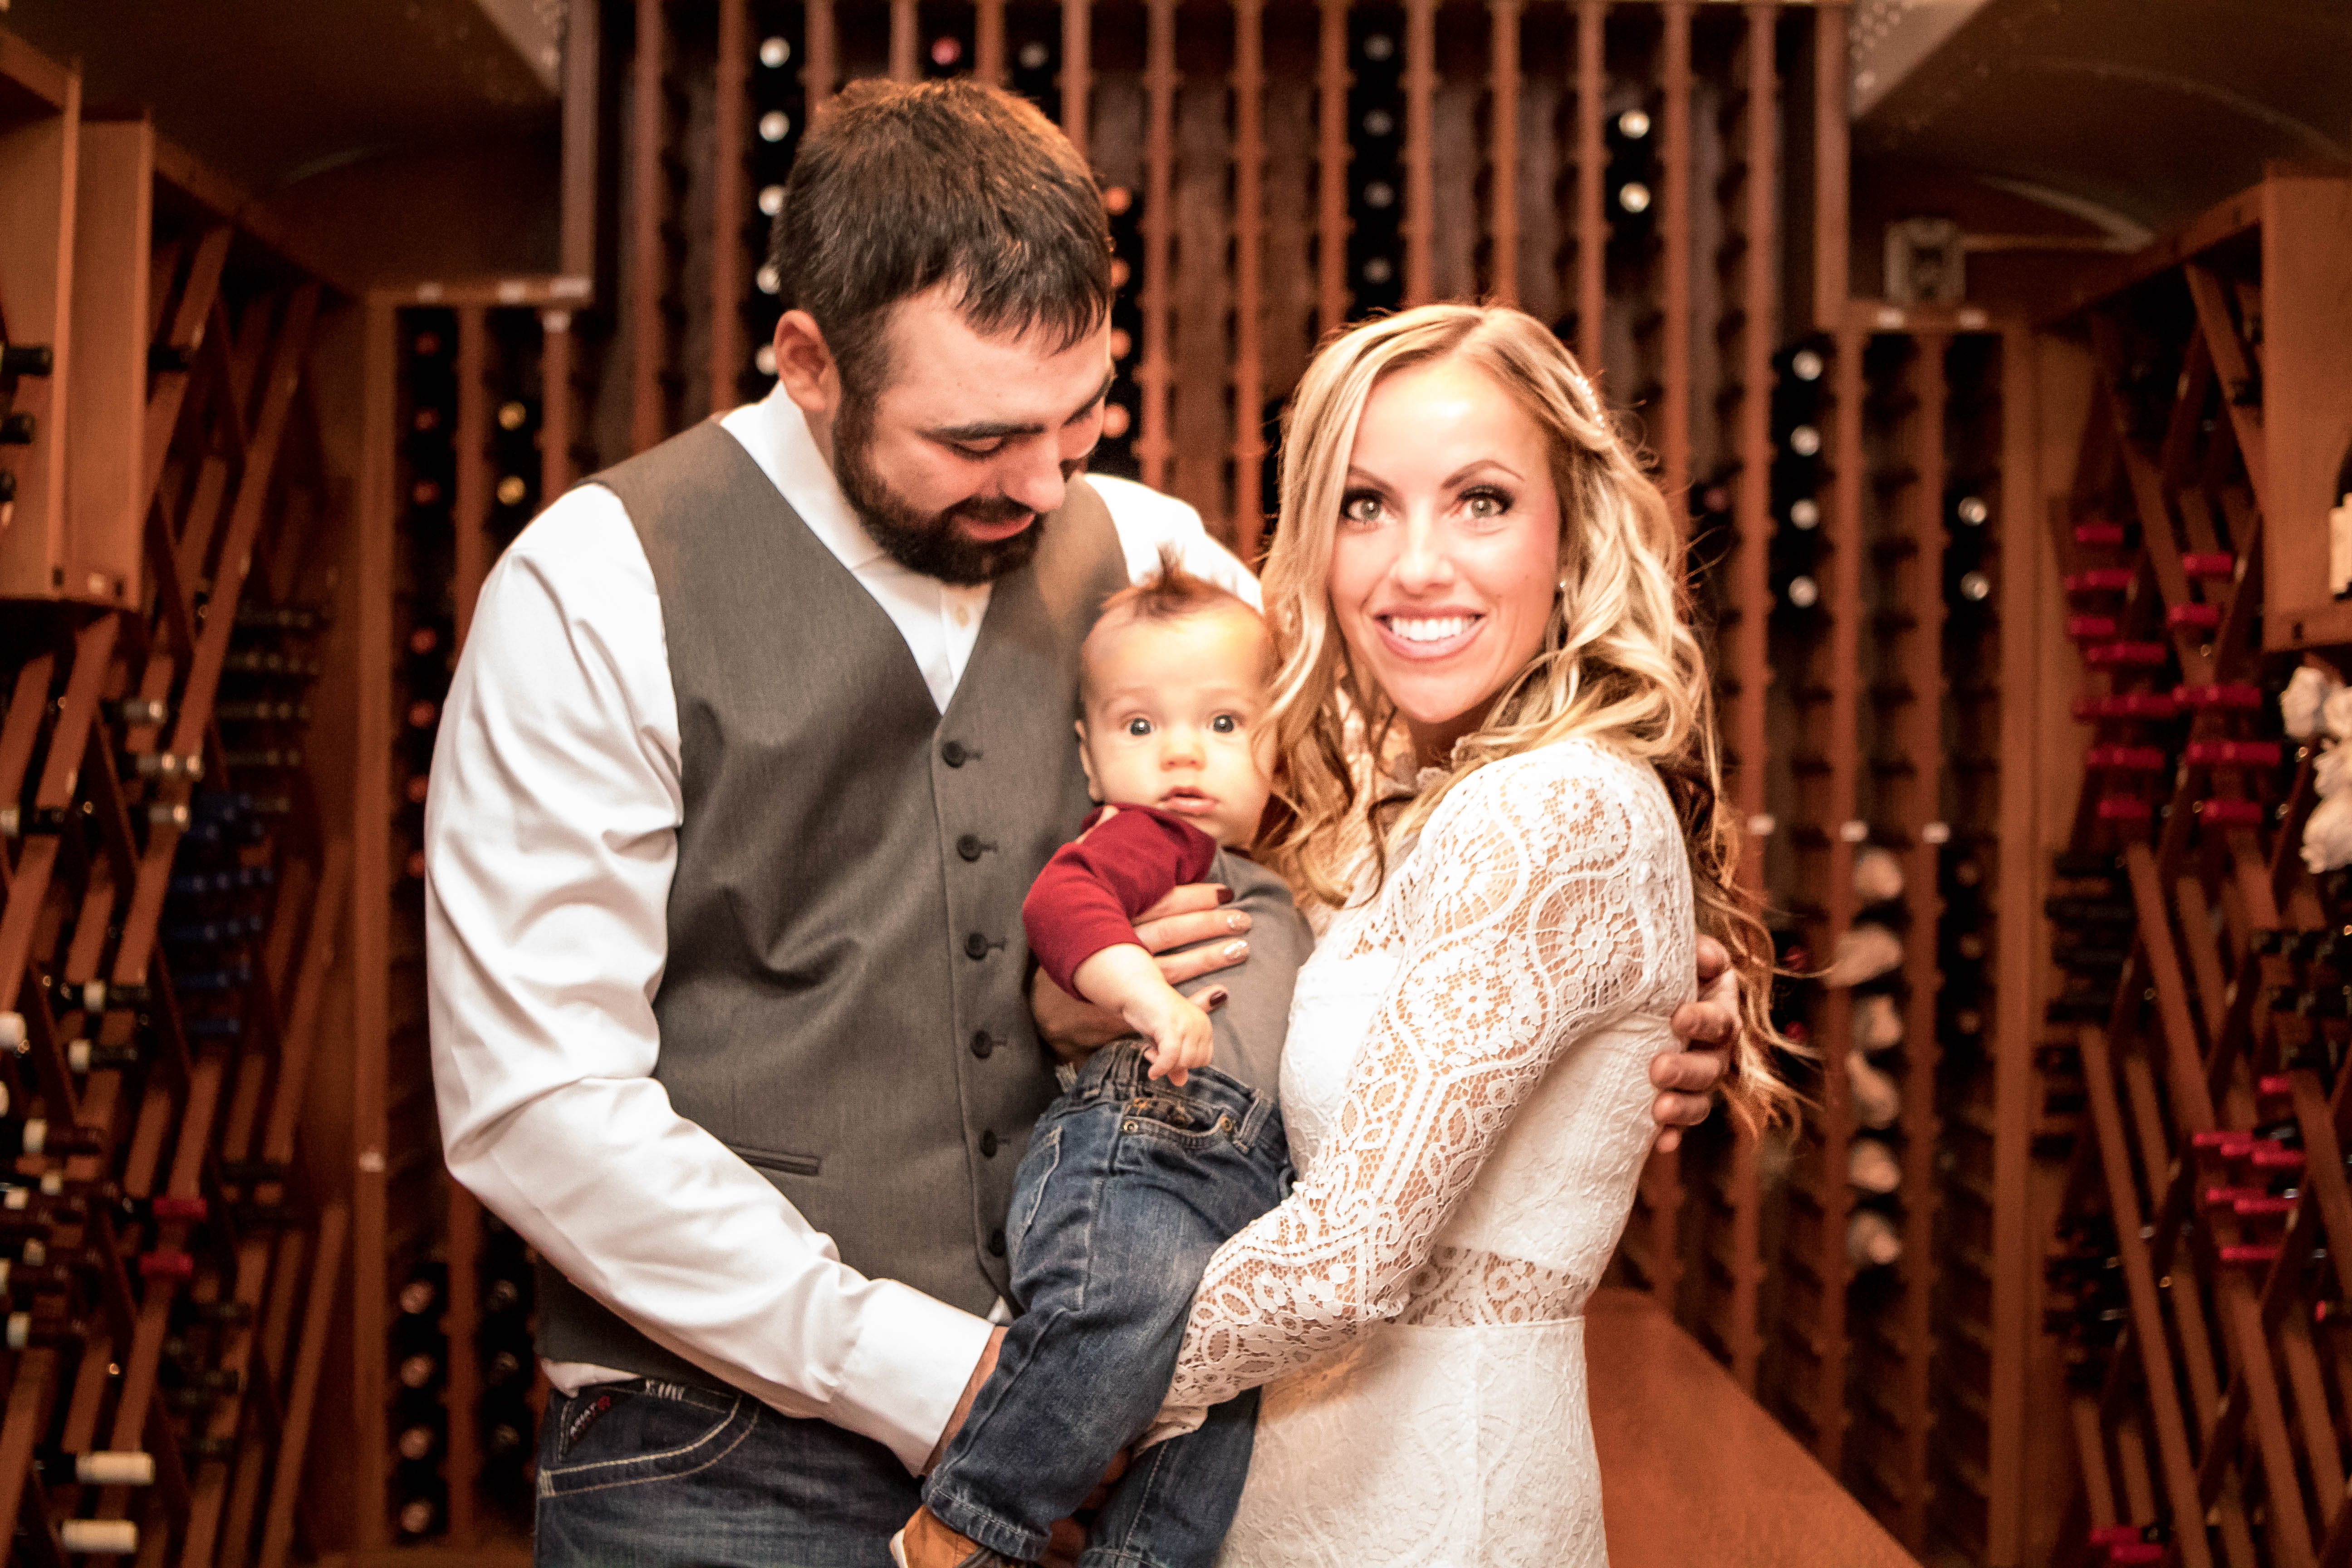 Davis Wedding by JeJe Design